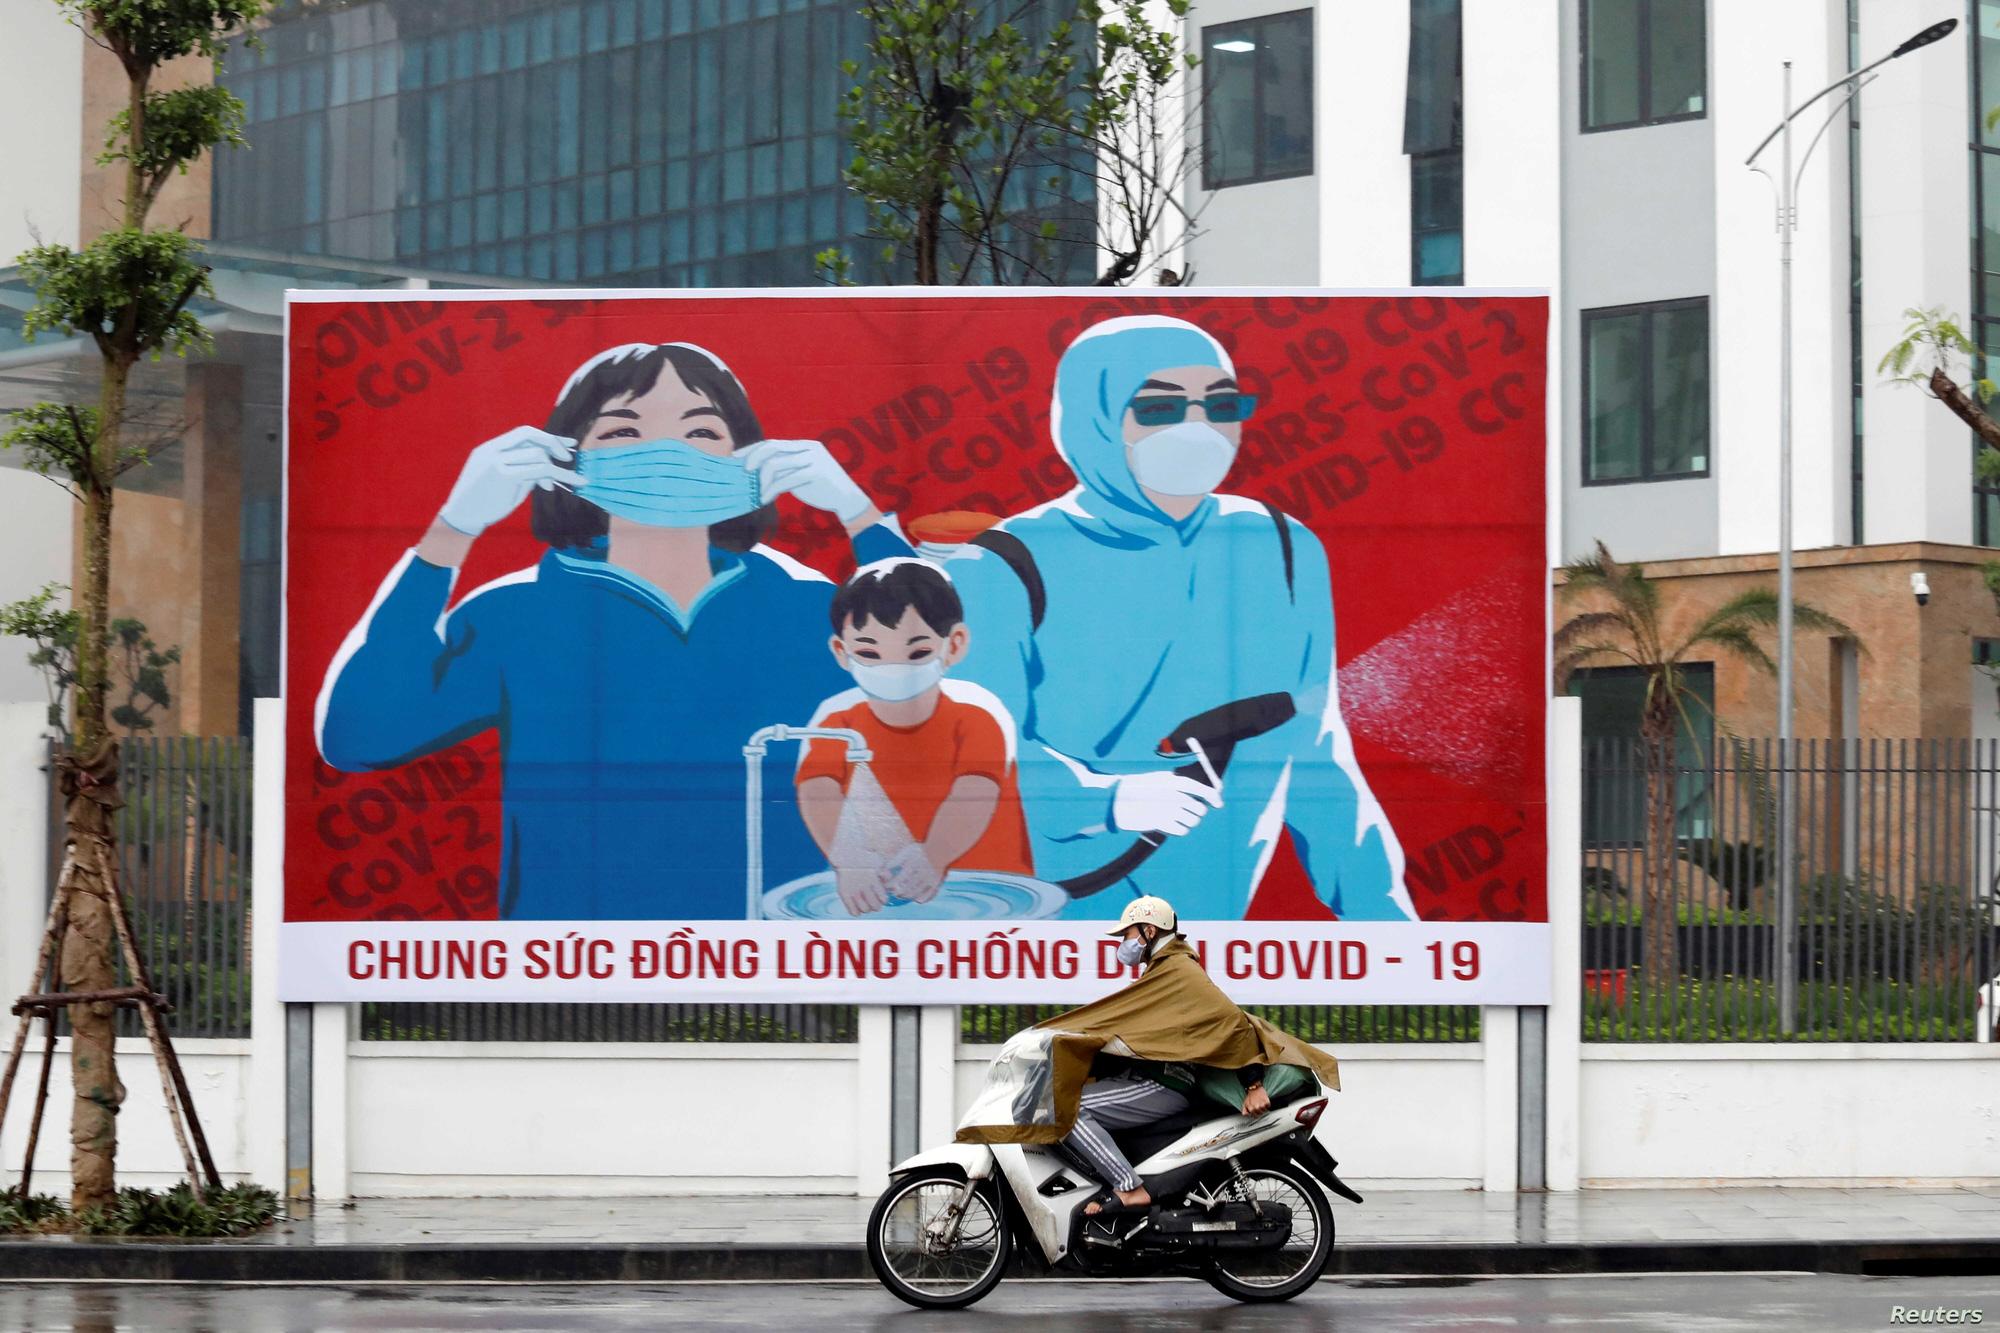 [eMagazine] Chống dịch covid-19: Thế giới nói gì về Việt Nam? [PHẦN CUỐI] - Ảnh 24.